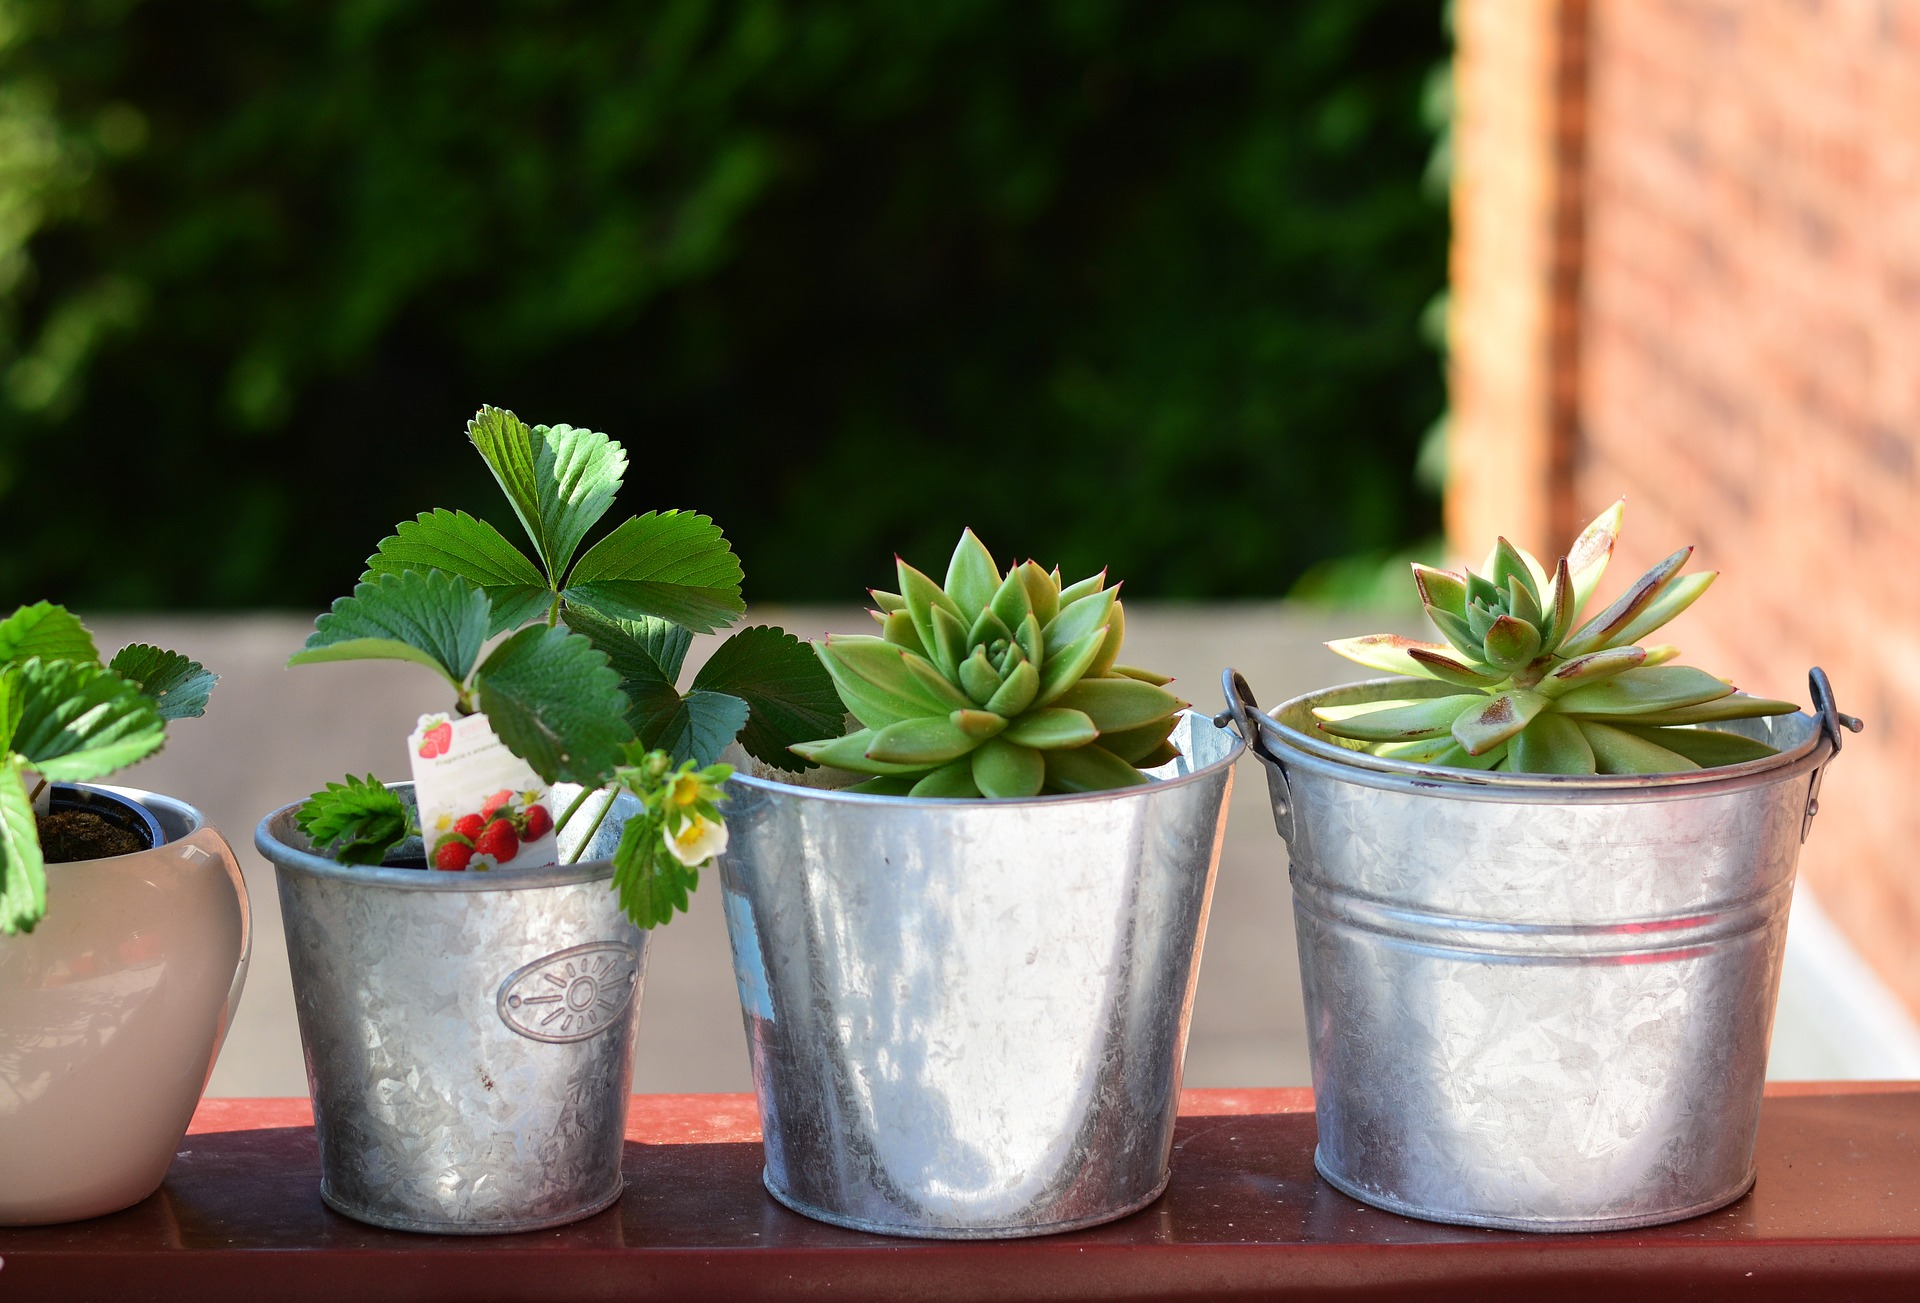 Jaké bylinky a dobroty můžete sbírat v červnu?